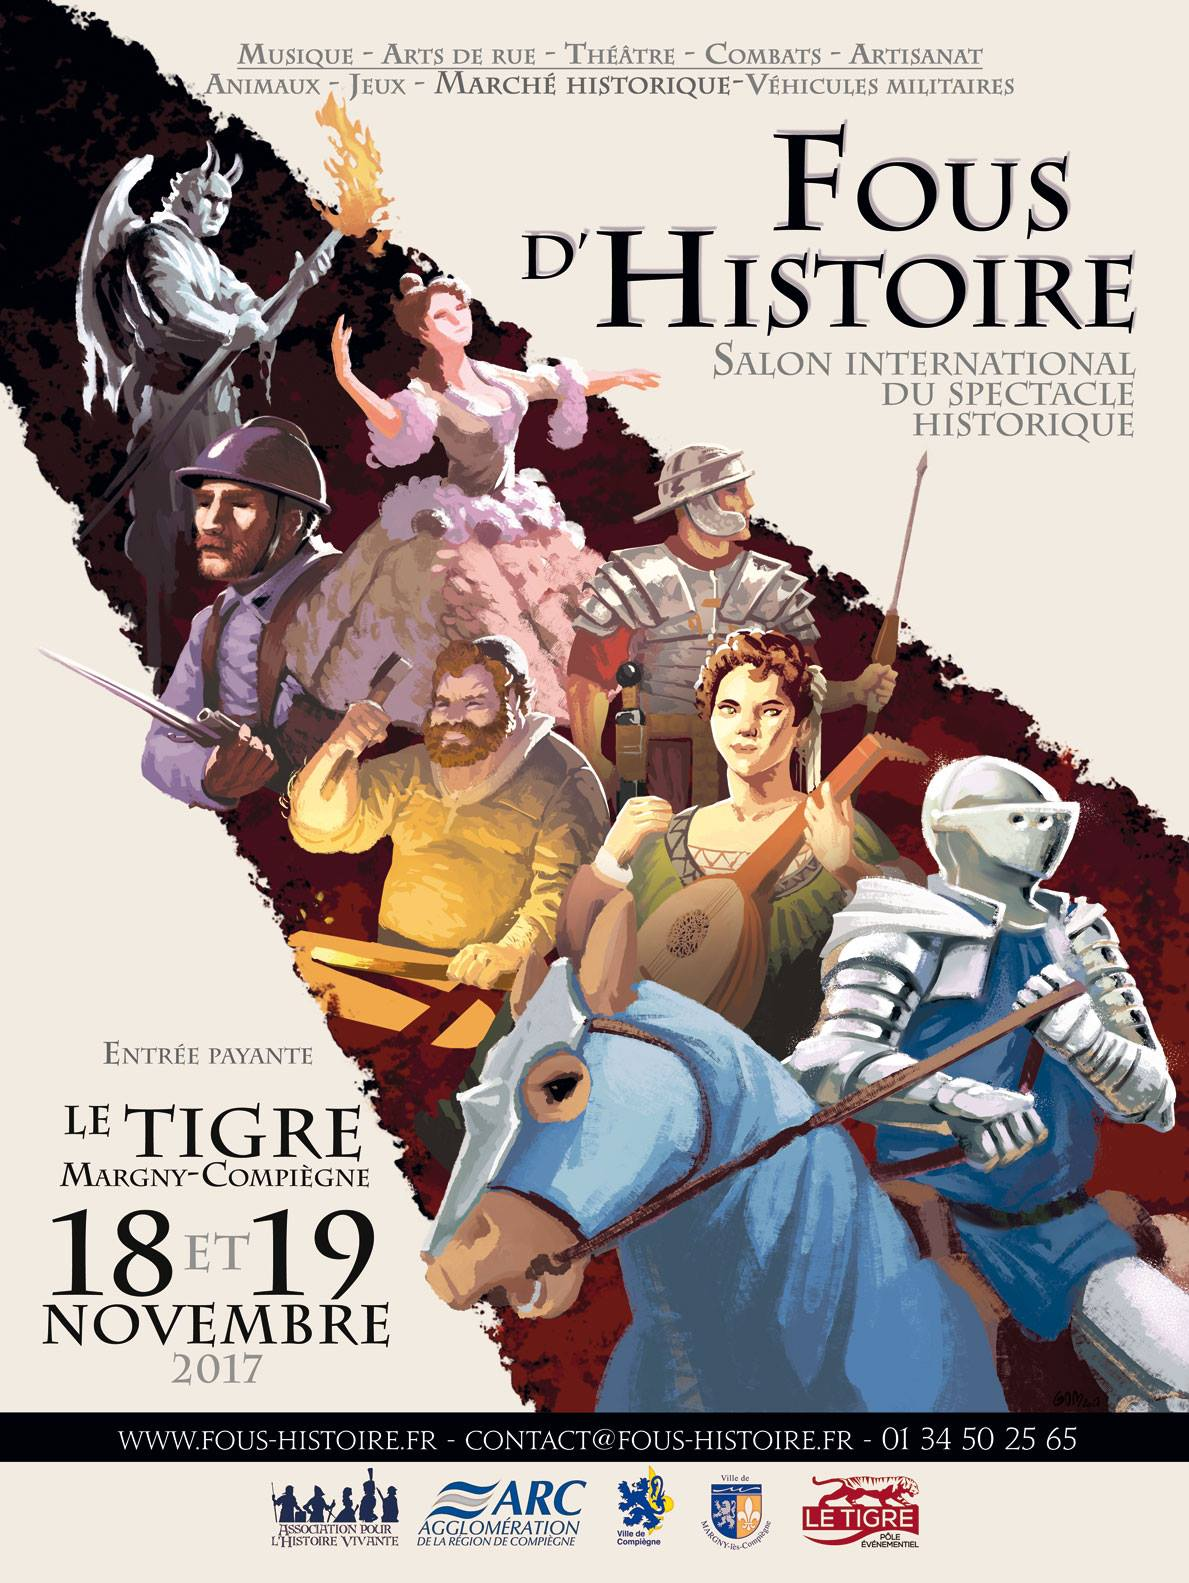 Fous d'Histoire salon international du spectacle historique.